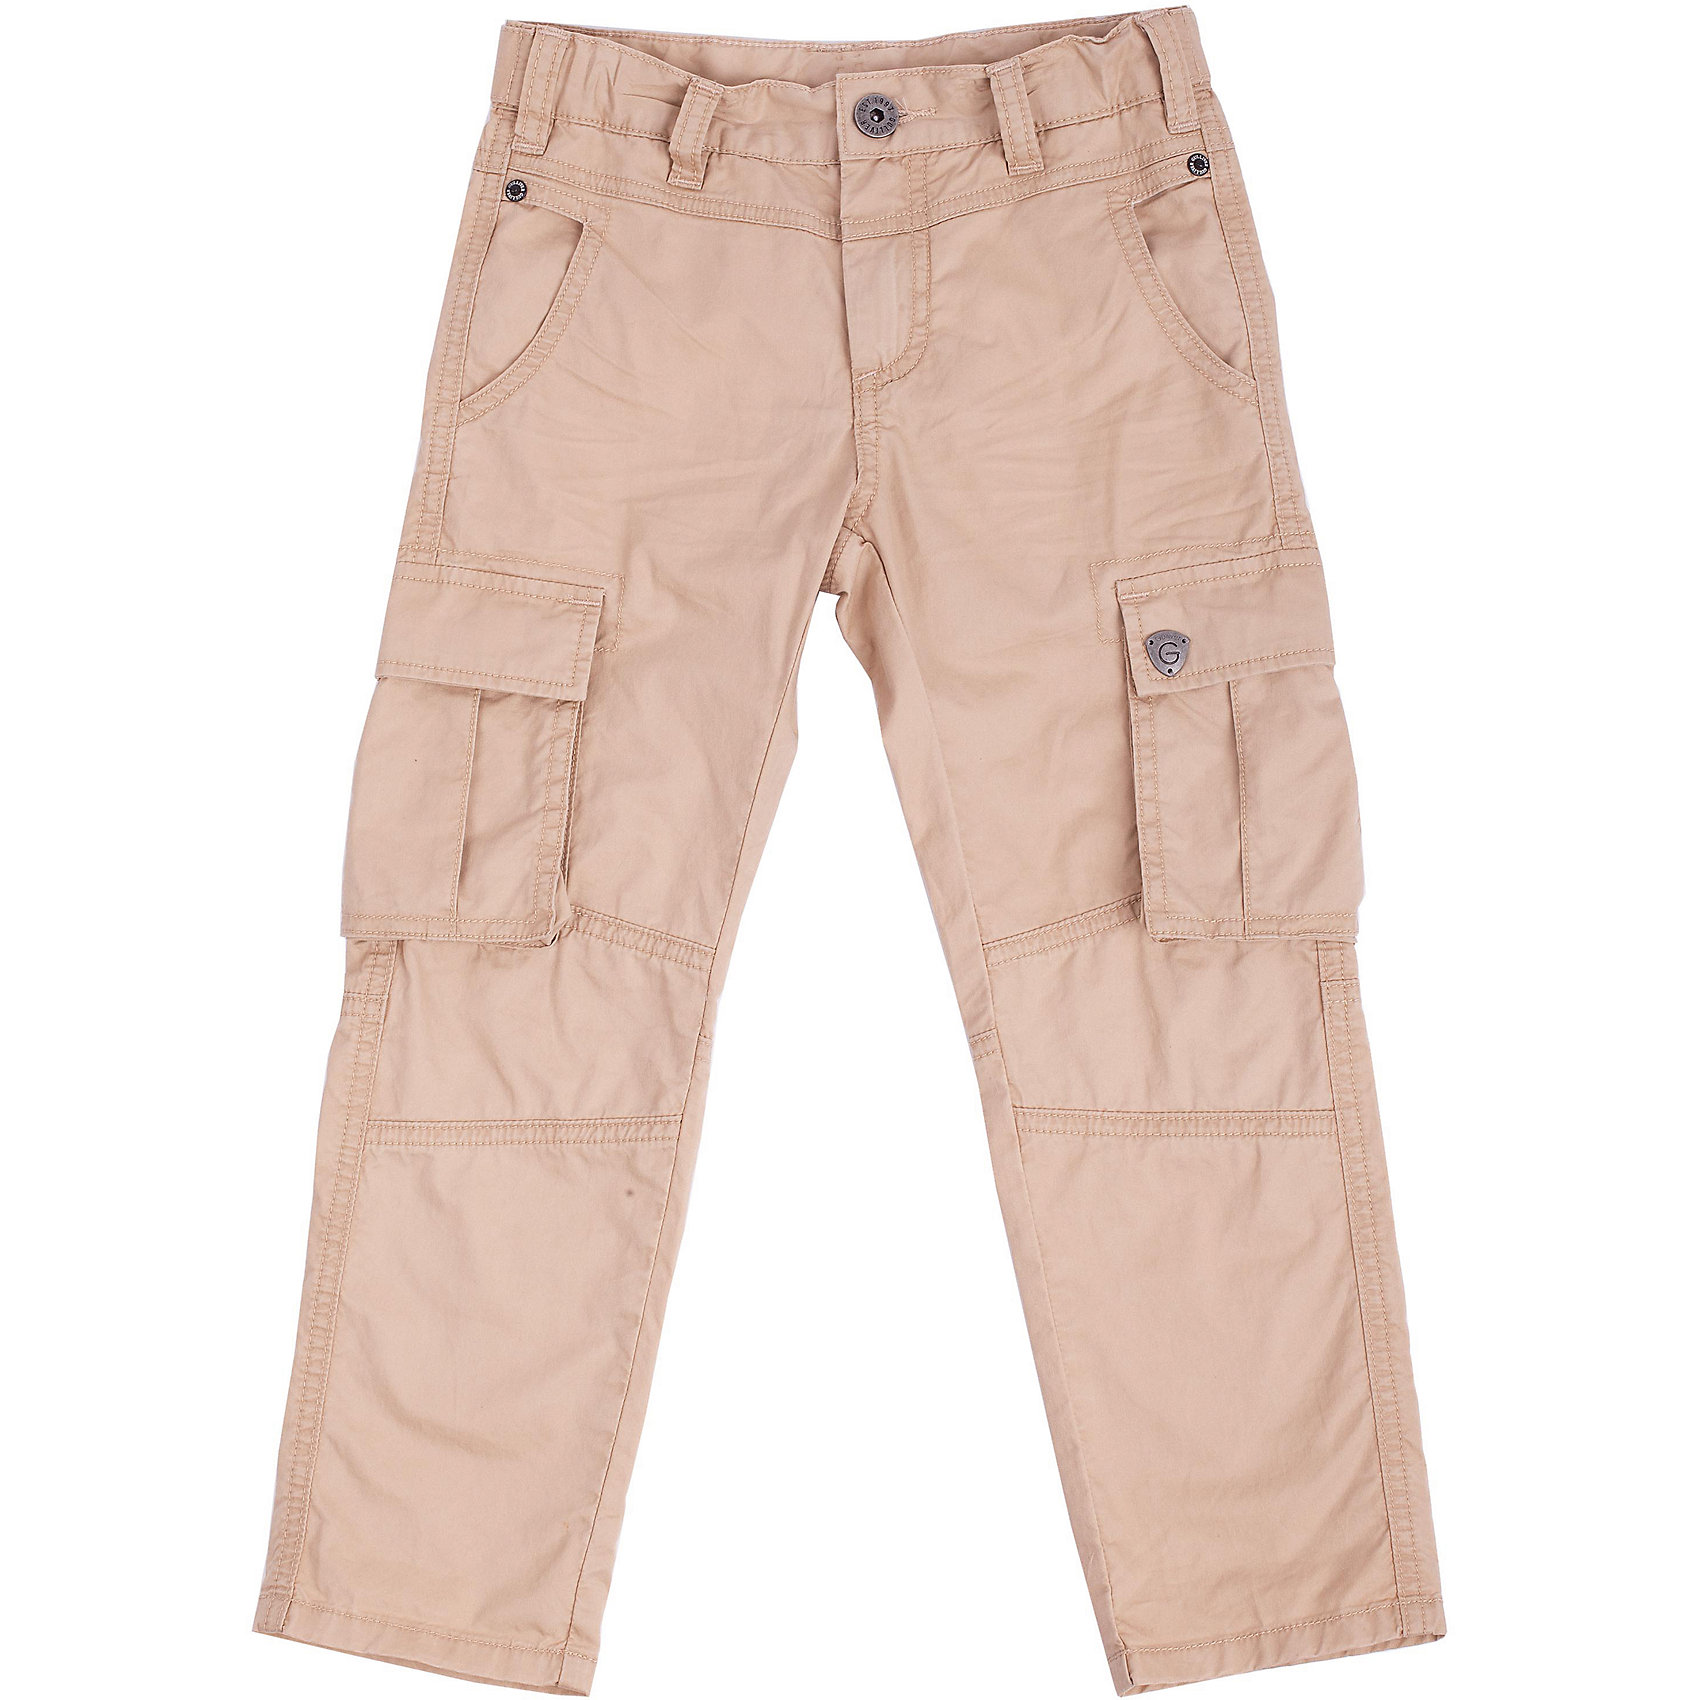 Gulliver Брюки для мальчика Gulliver брюки для мальчика gulliver цвет черный 21612btc5601 размер 158